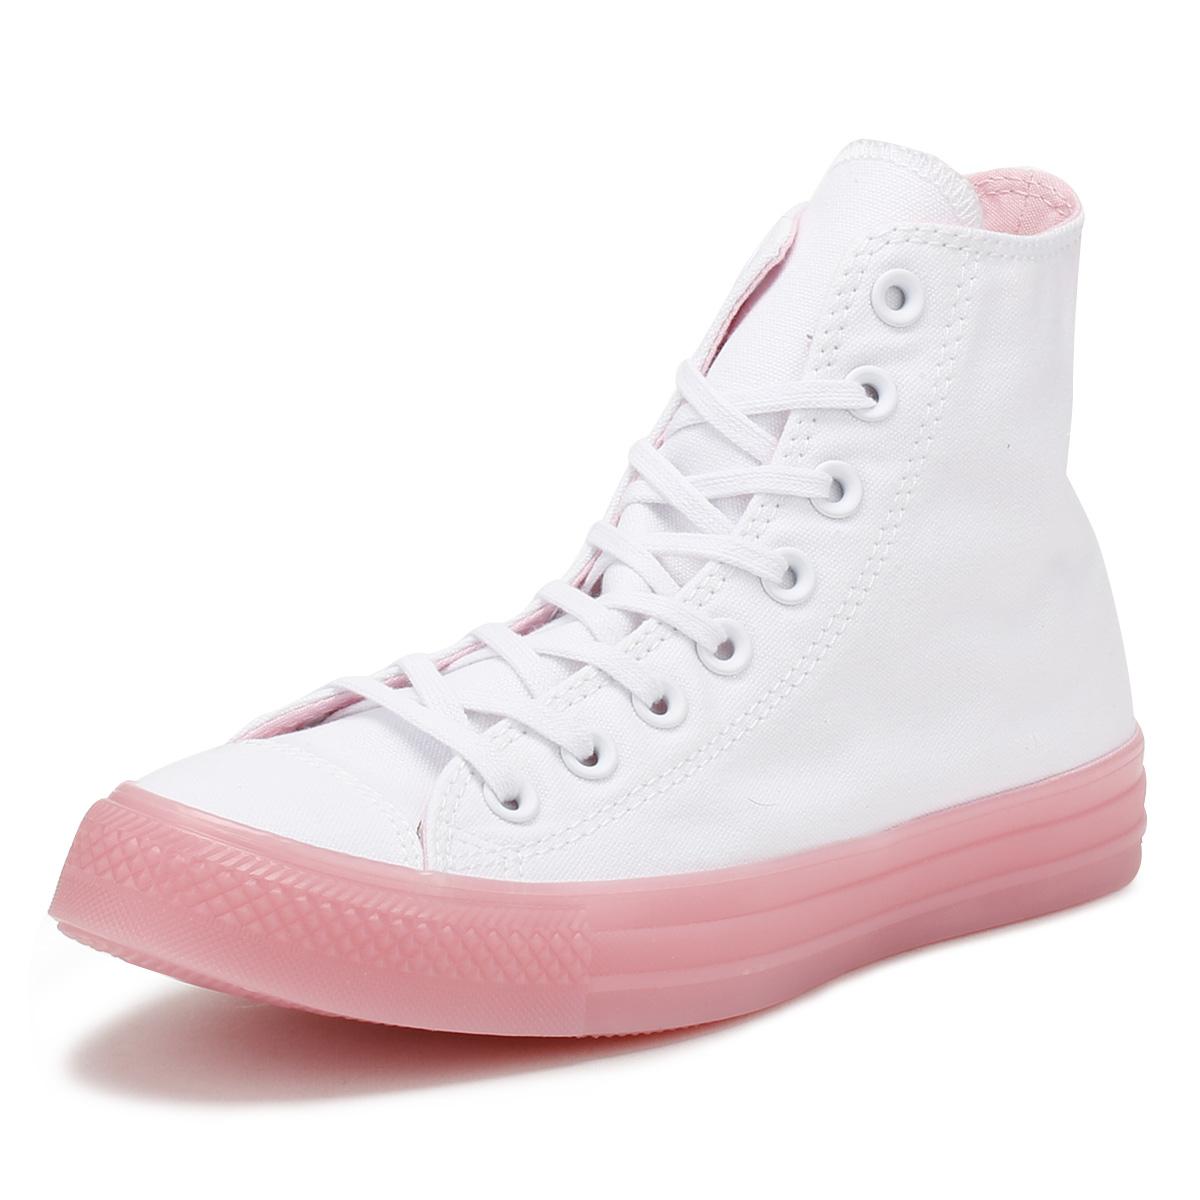 Converse All Star Da Donna Scarpe Da Ginnastica White & Cherry Ciao Signore Skater Scarpe Casual-mostra Il Titolo Originale